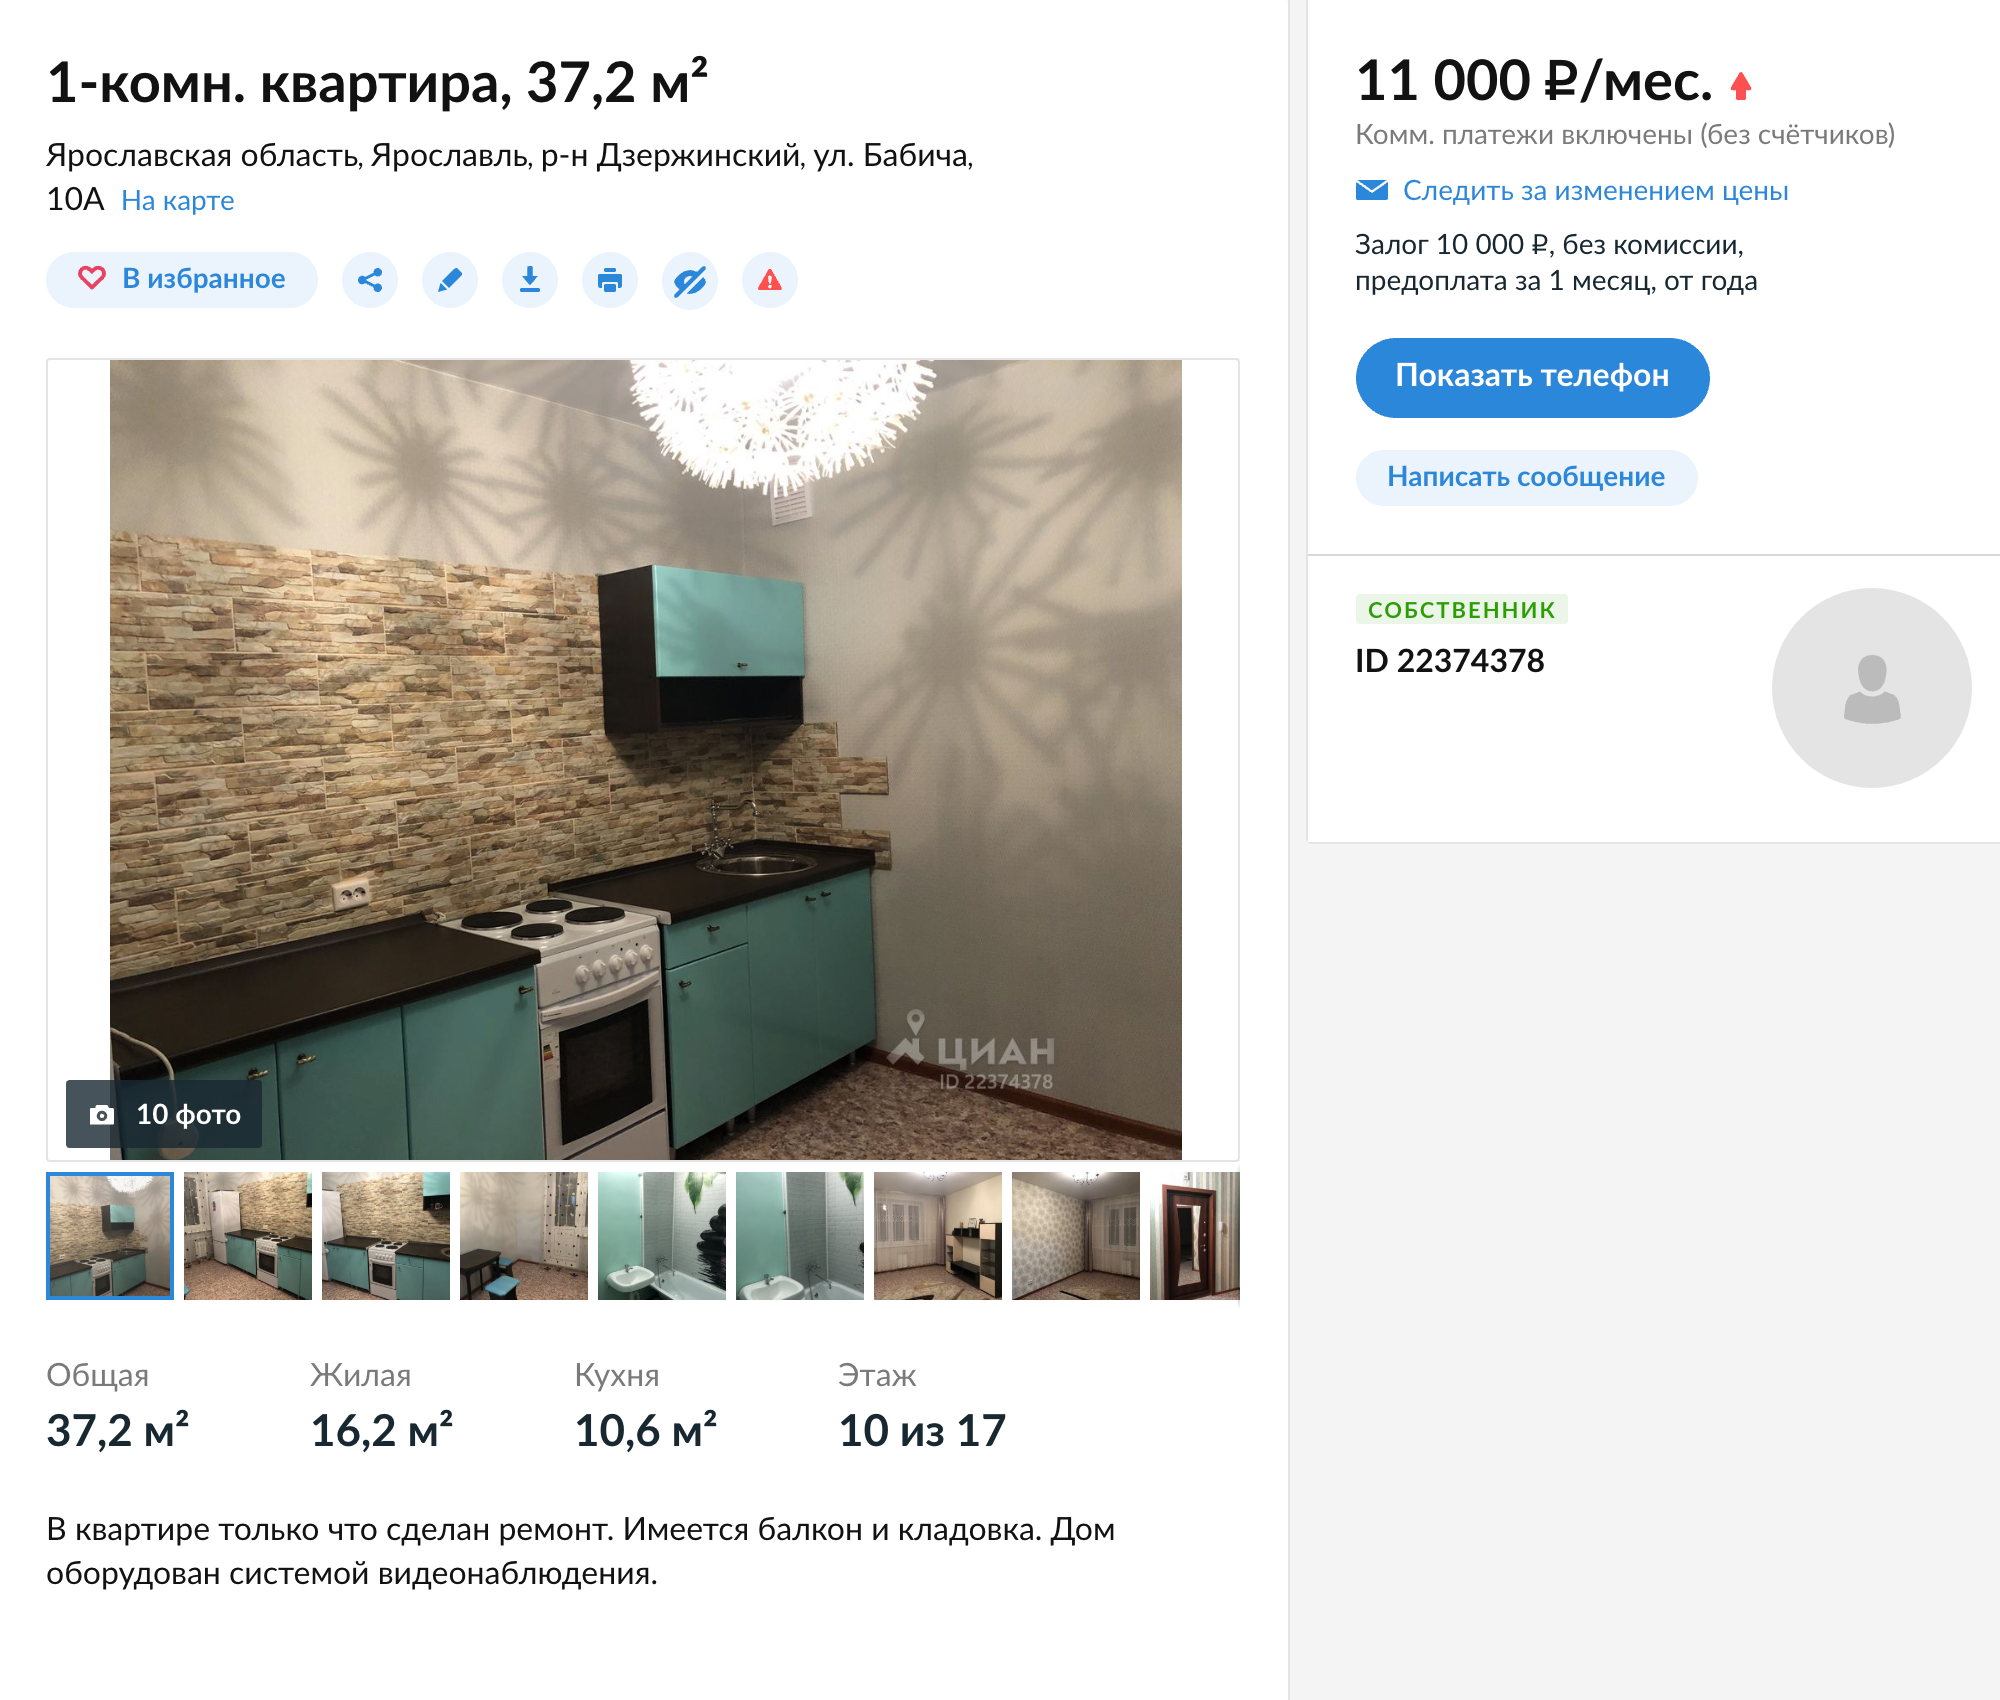 Приличная однушка в спальном районе Ярославля за 11 000 рублей в месяц